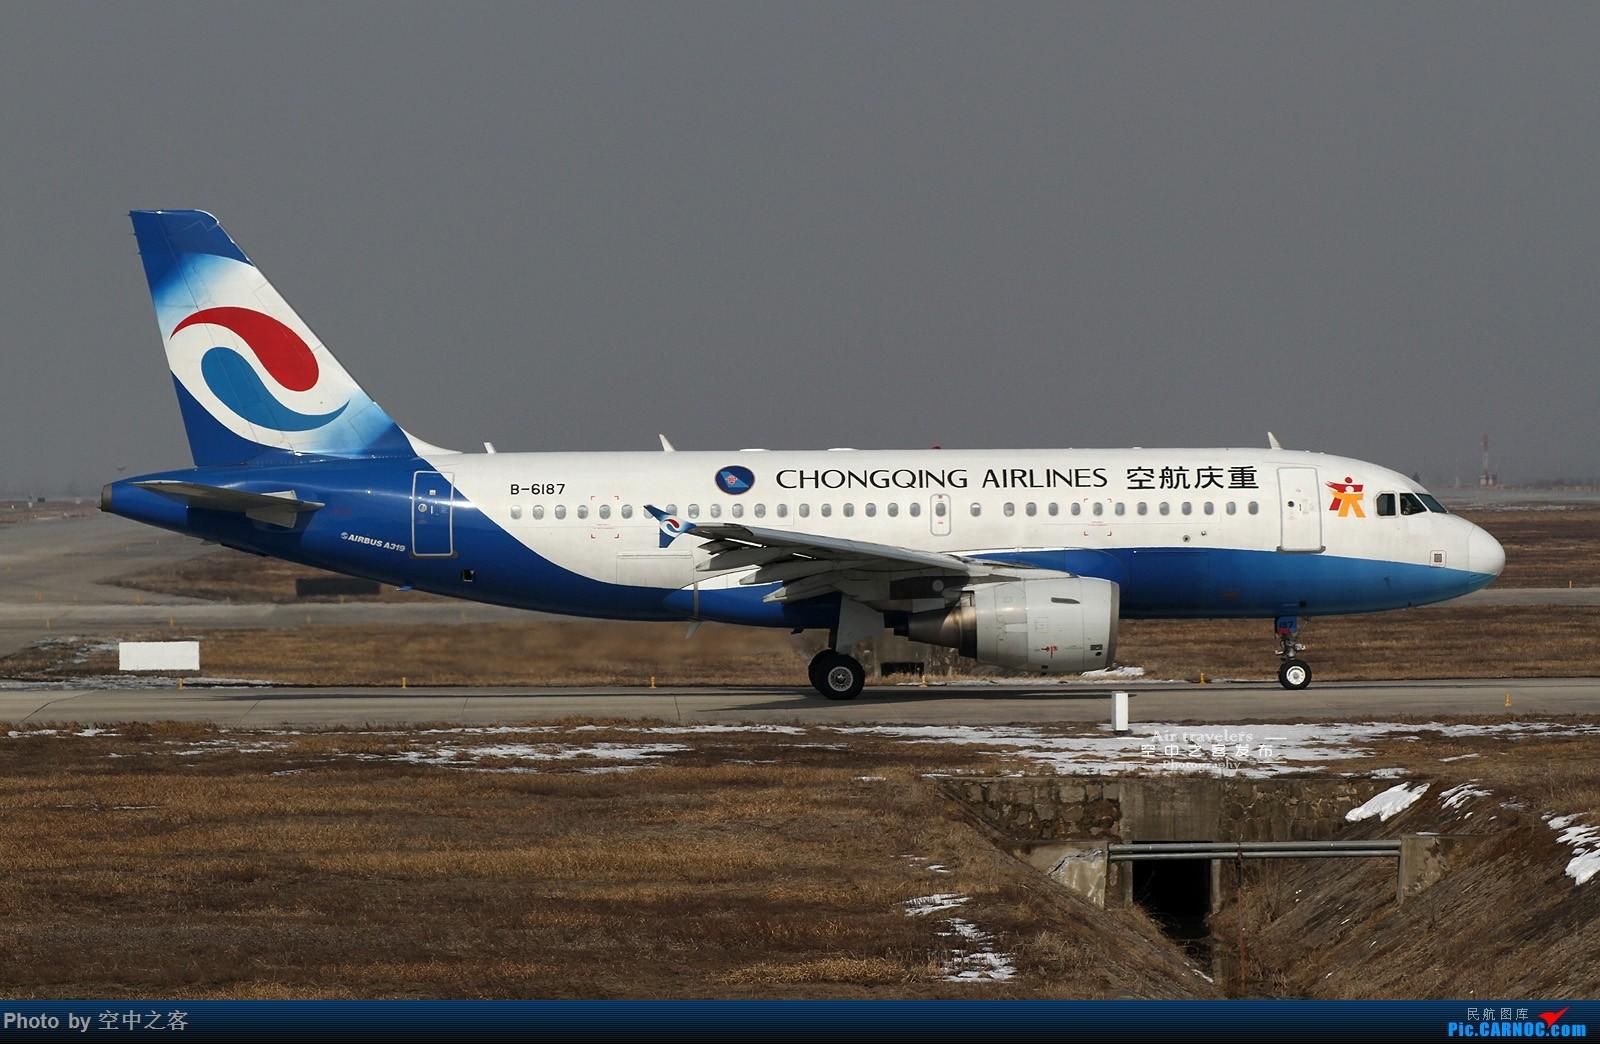 Re:[原创][合肥飞友会-霸都打机队 空中之客发布]2018立春·首次拍机活动 AIRBUS A319-100 B-6187 合肥新桥国际机场